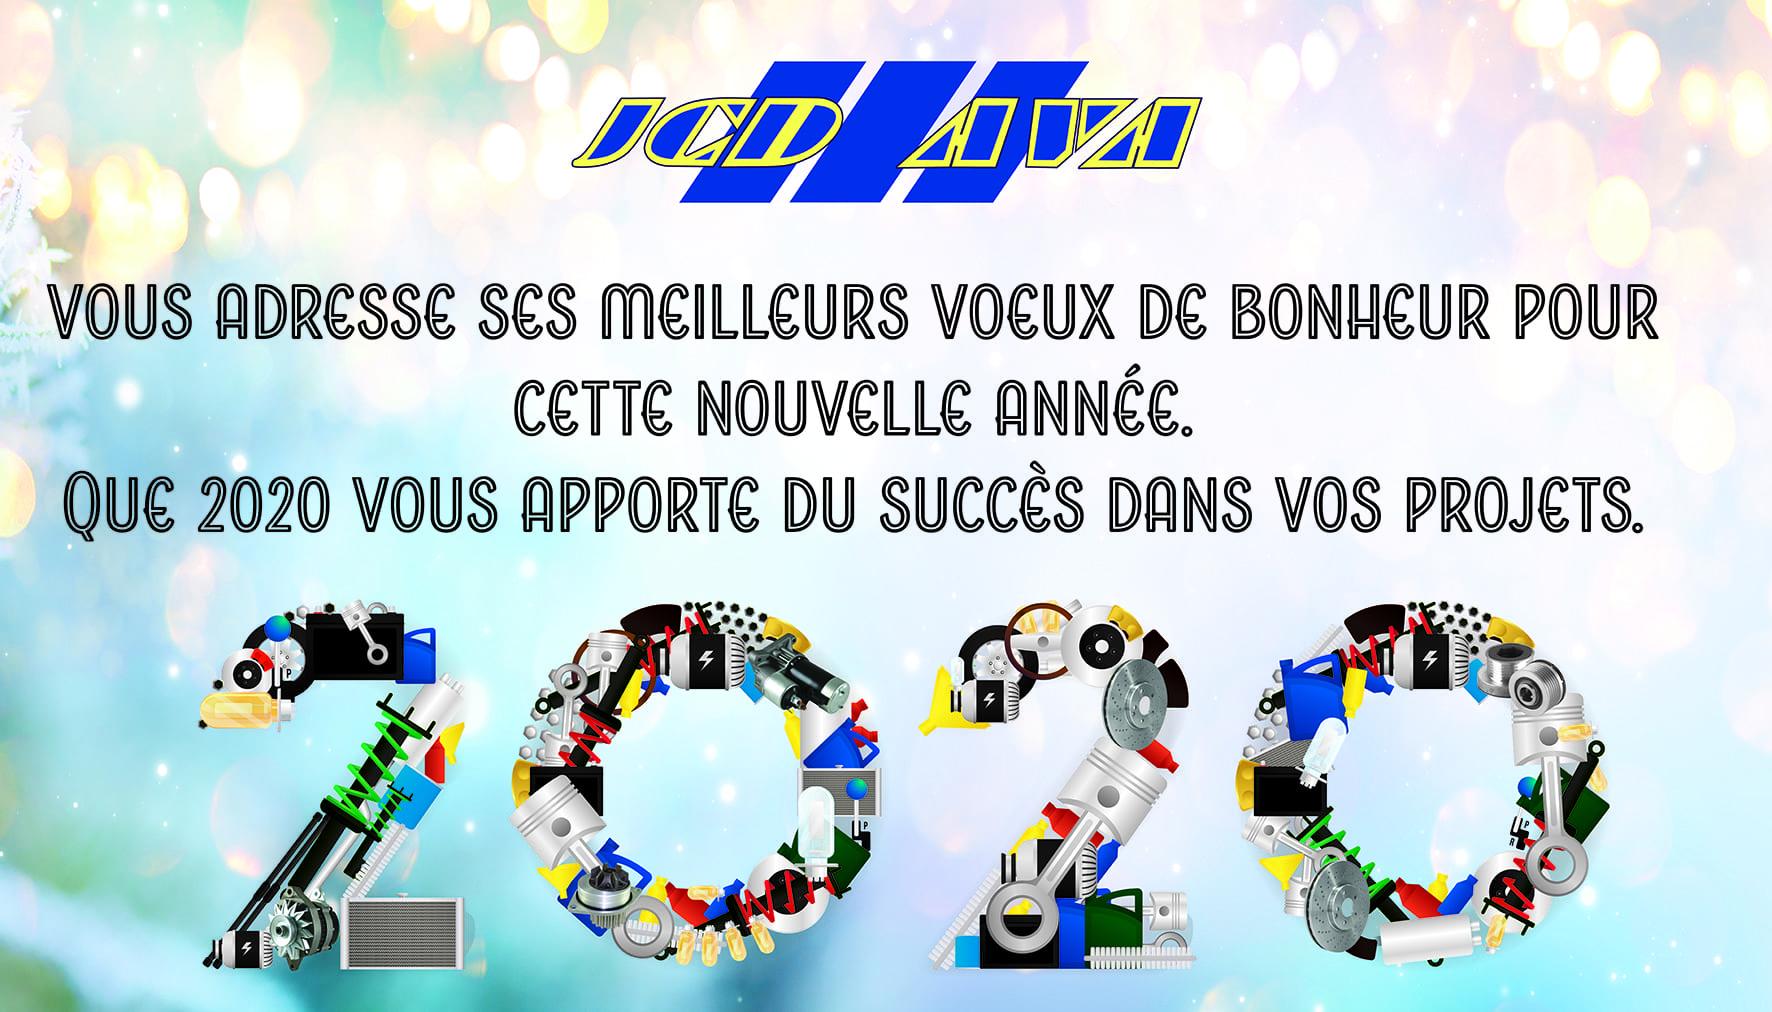 JCD AVA vous adresse ses meilleurs voeux de bonheur pour cette nouvelle année. Que 2020 vous apporte du succès dans vos projets.